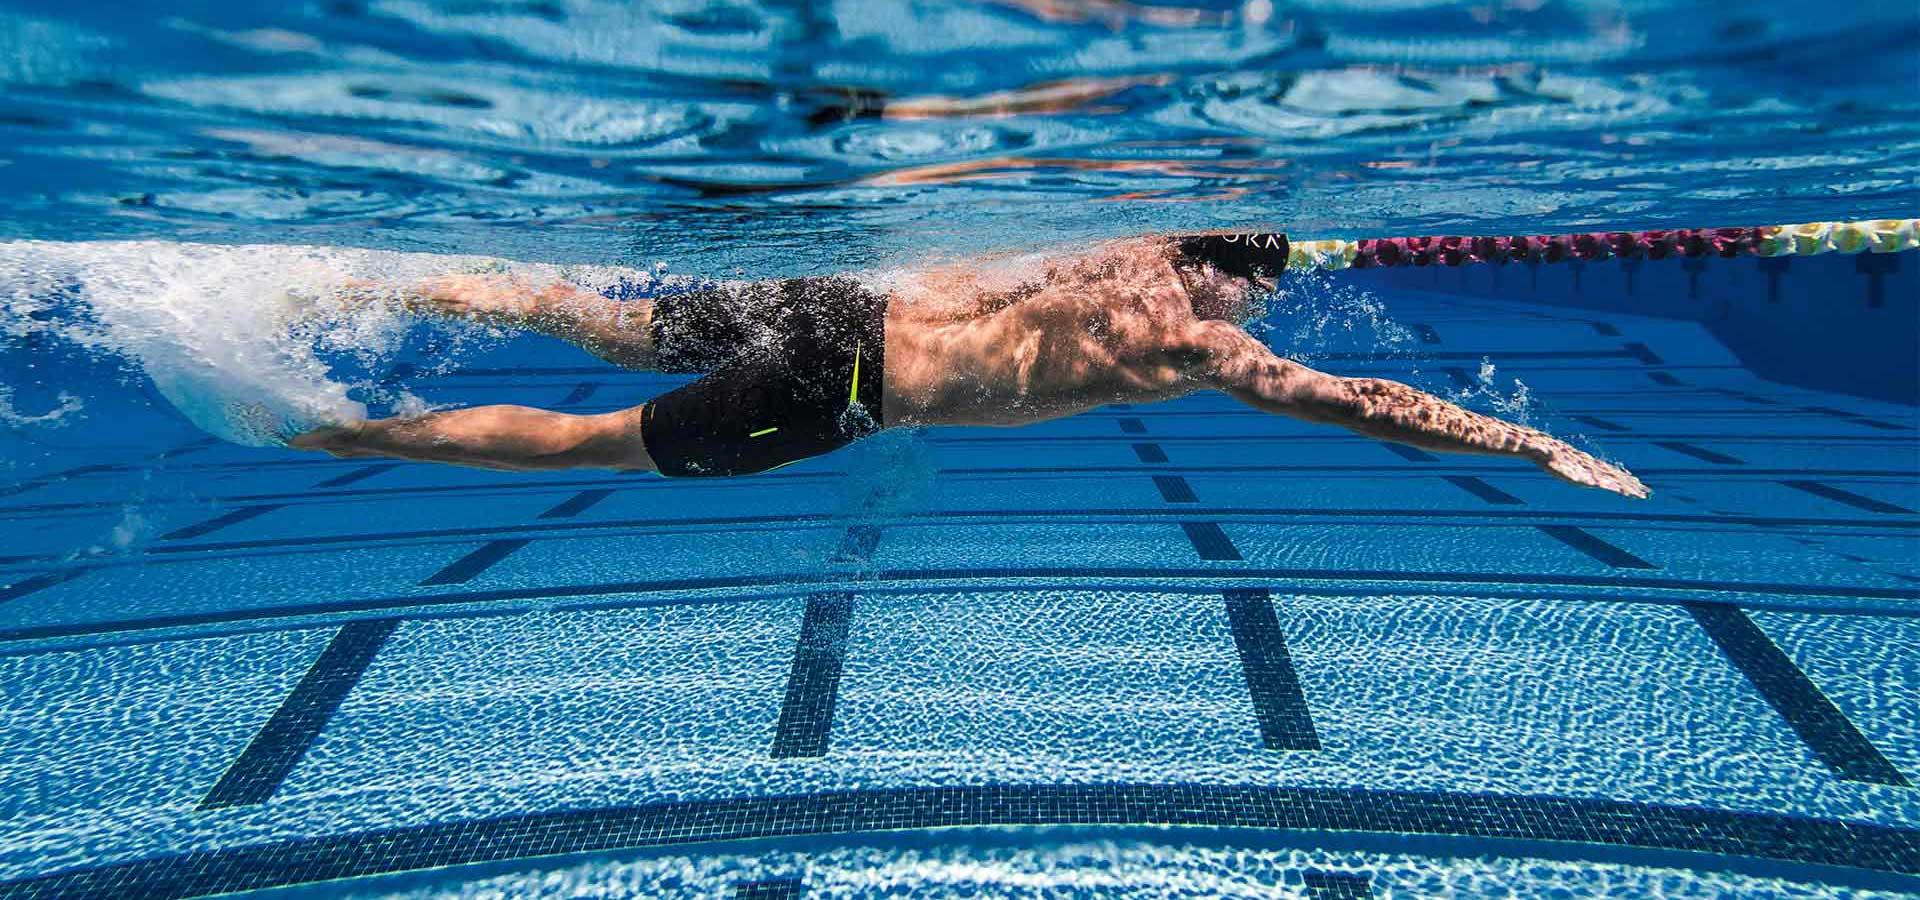 برنامه غذایی ویژه افرادی که شنا می کنند